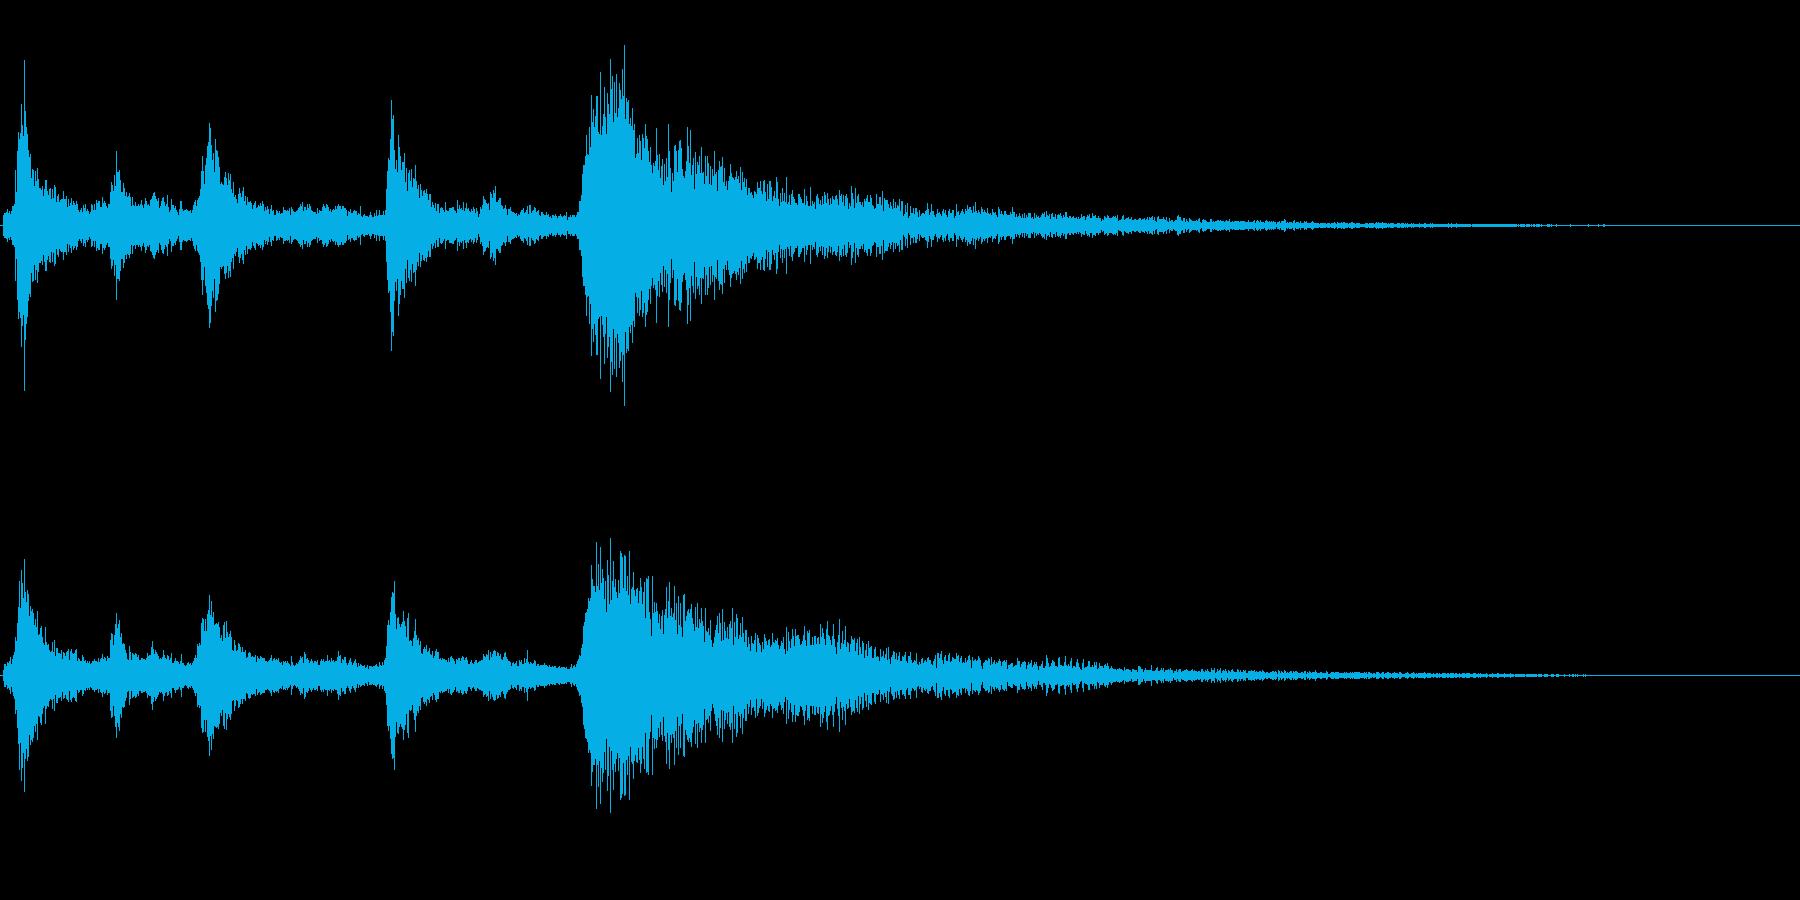 クリスマスのベル、鈴の効果音 ロゴ09の再生済みの波形